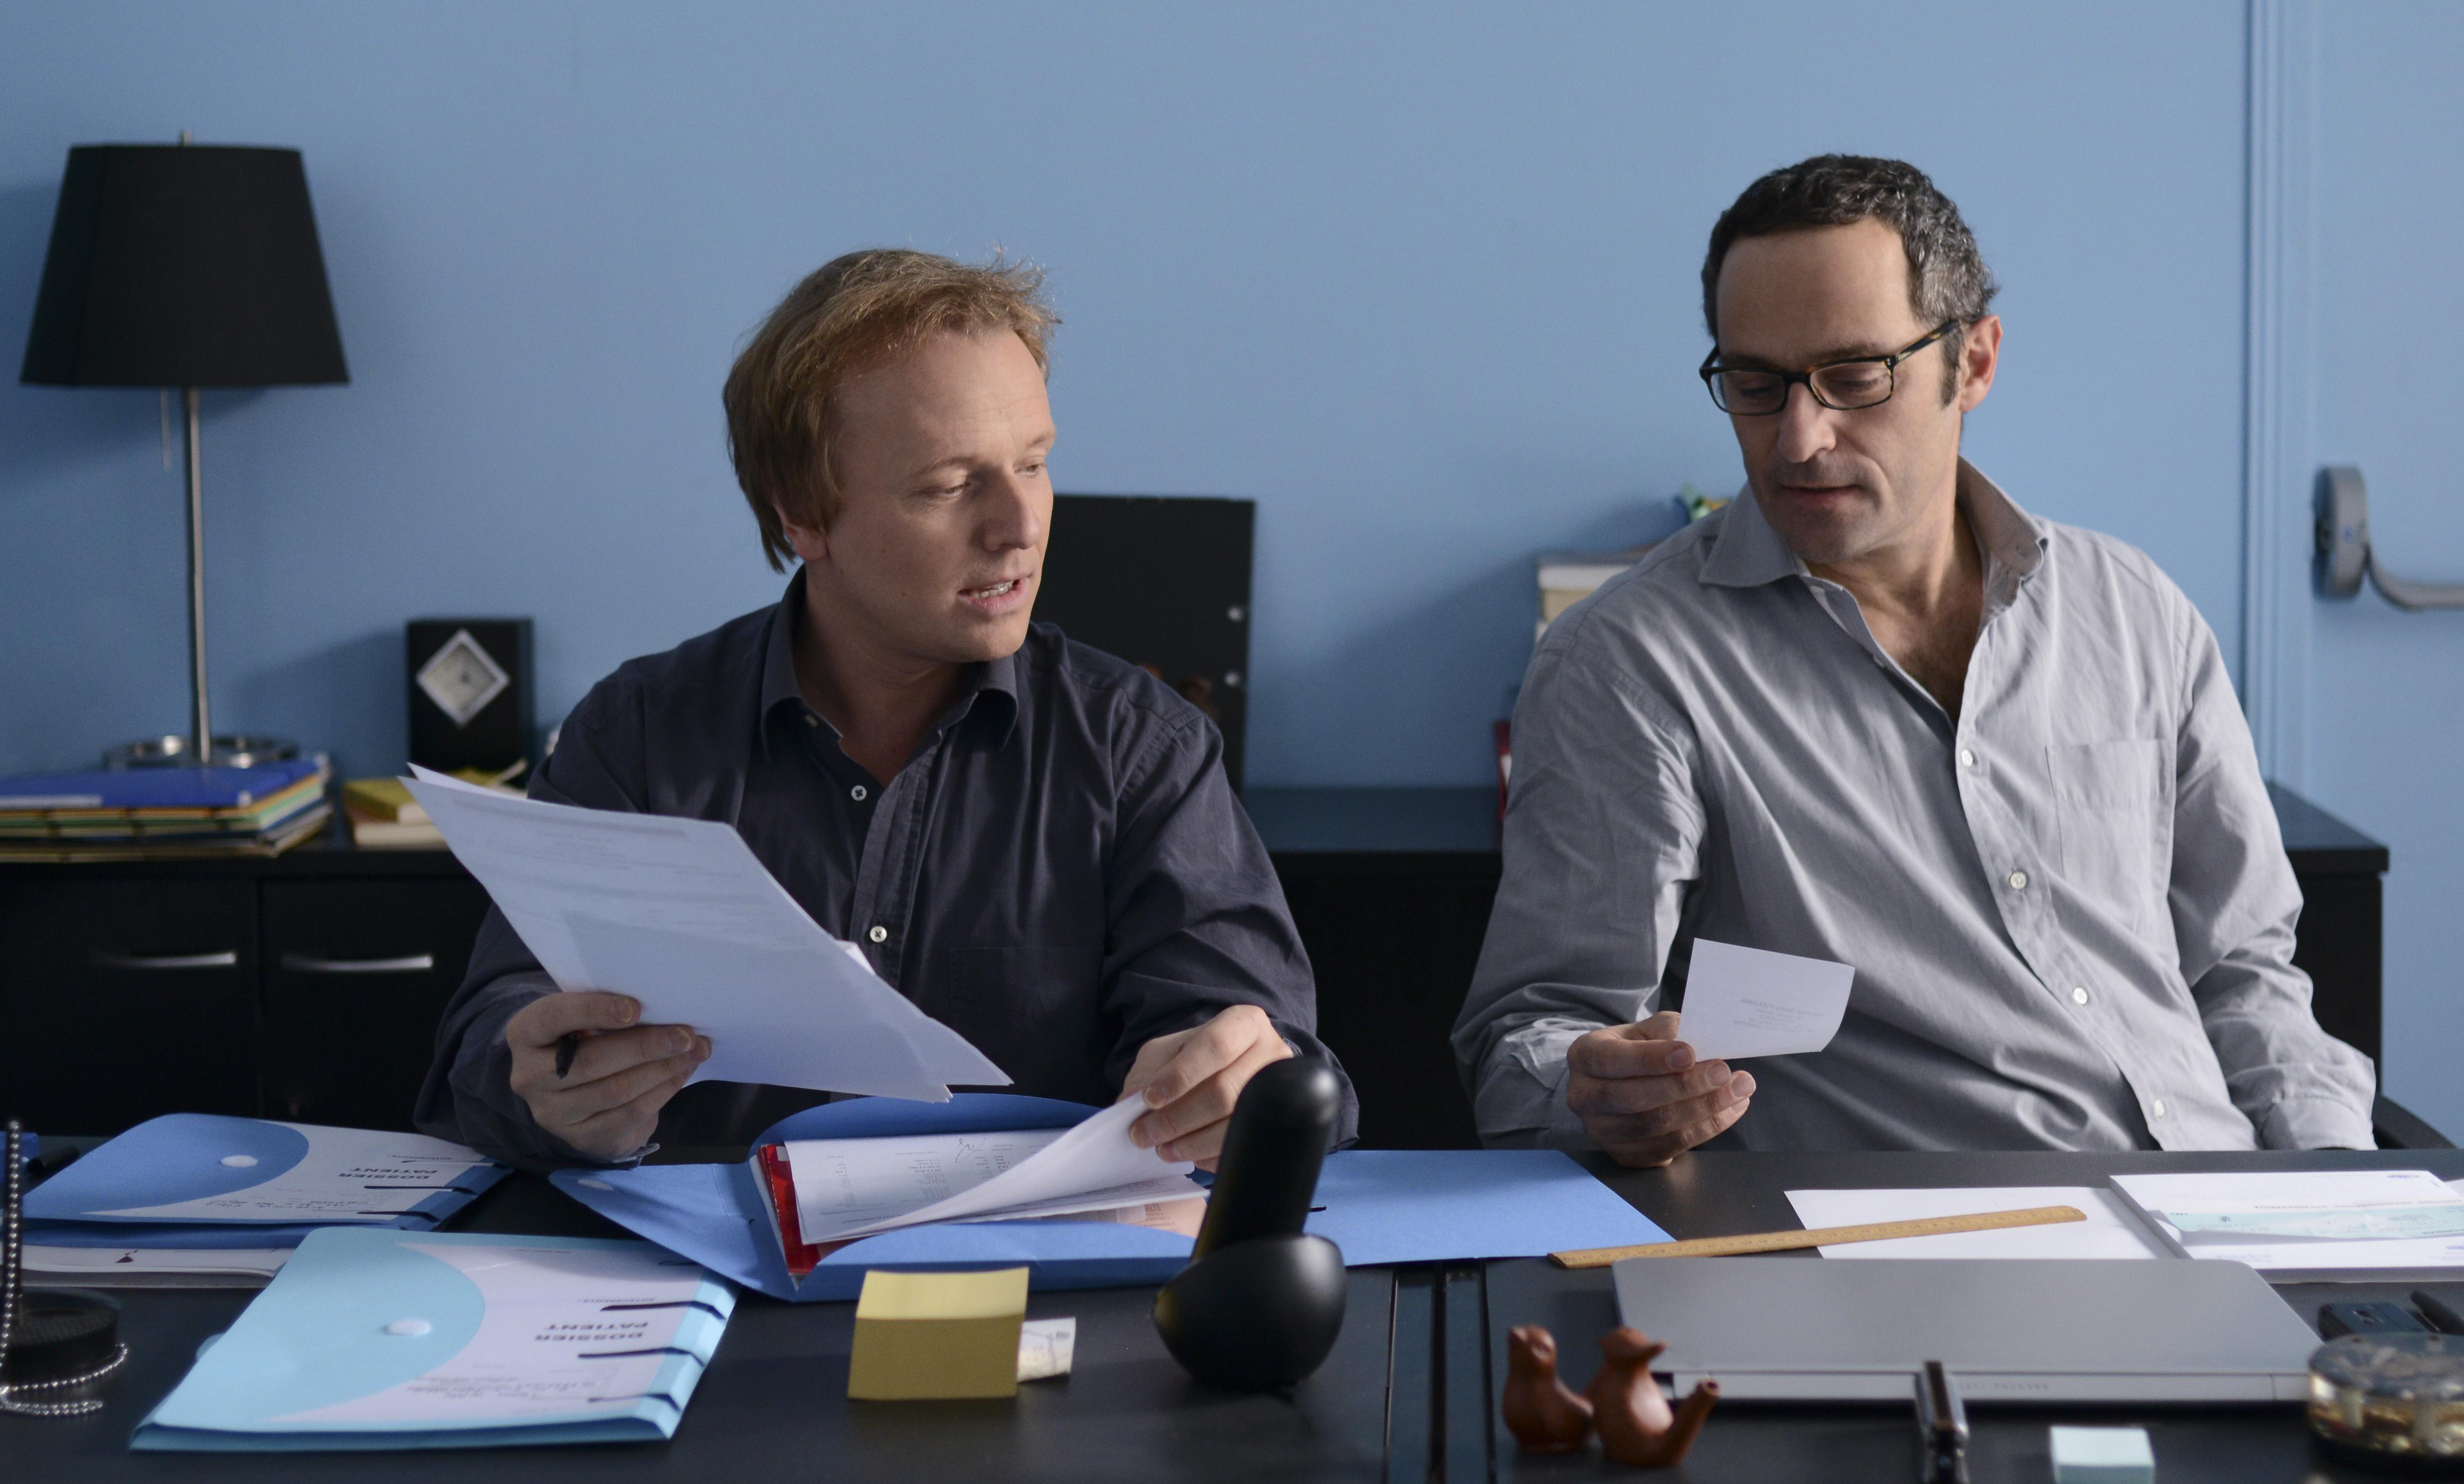 Laurent Stocker et Cédric Kahn dans Tirez la langue, mademoiselle